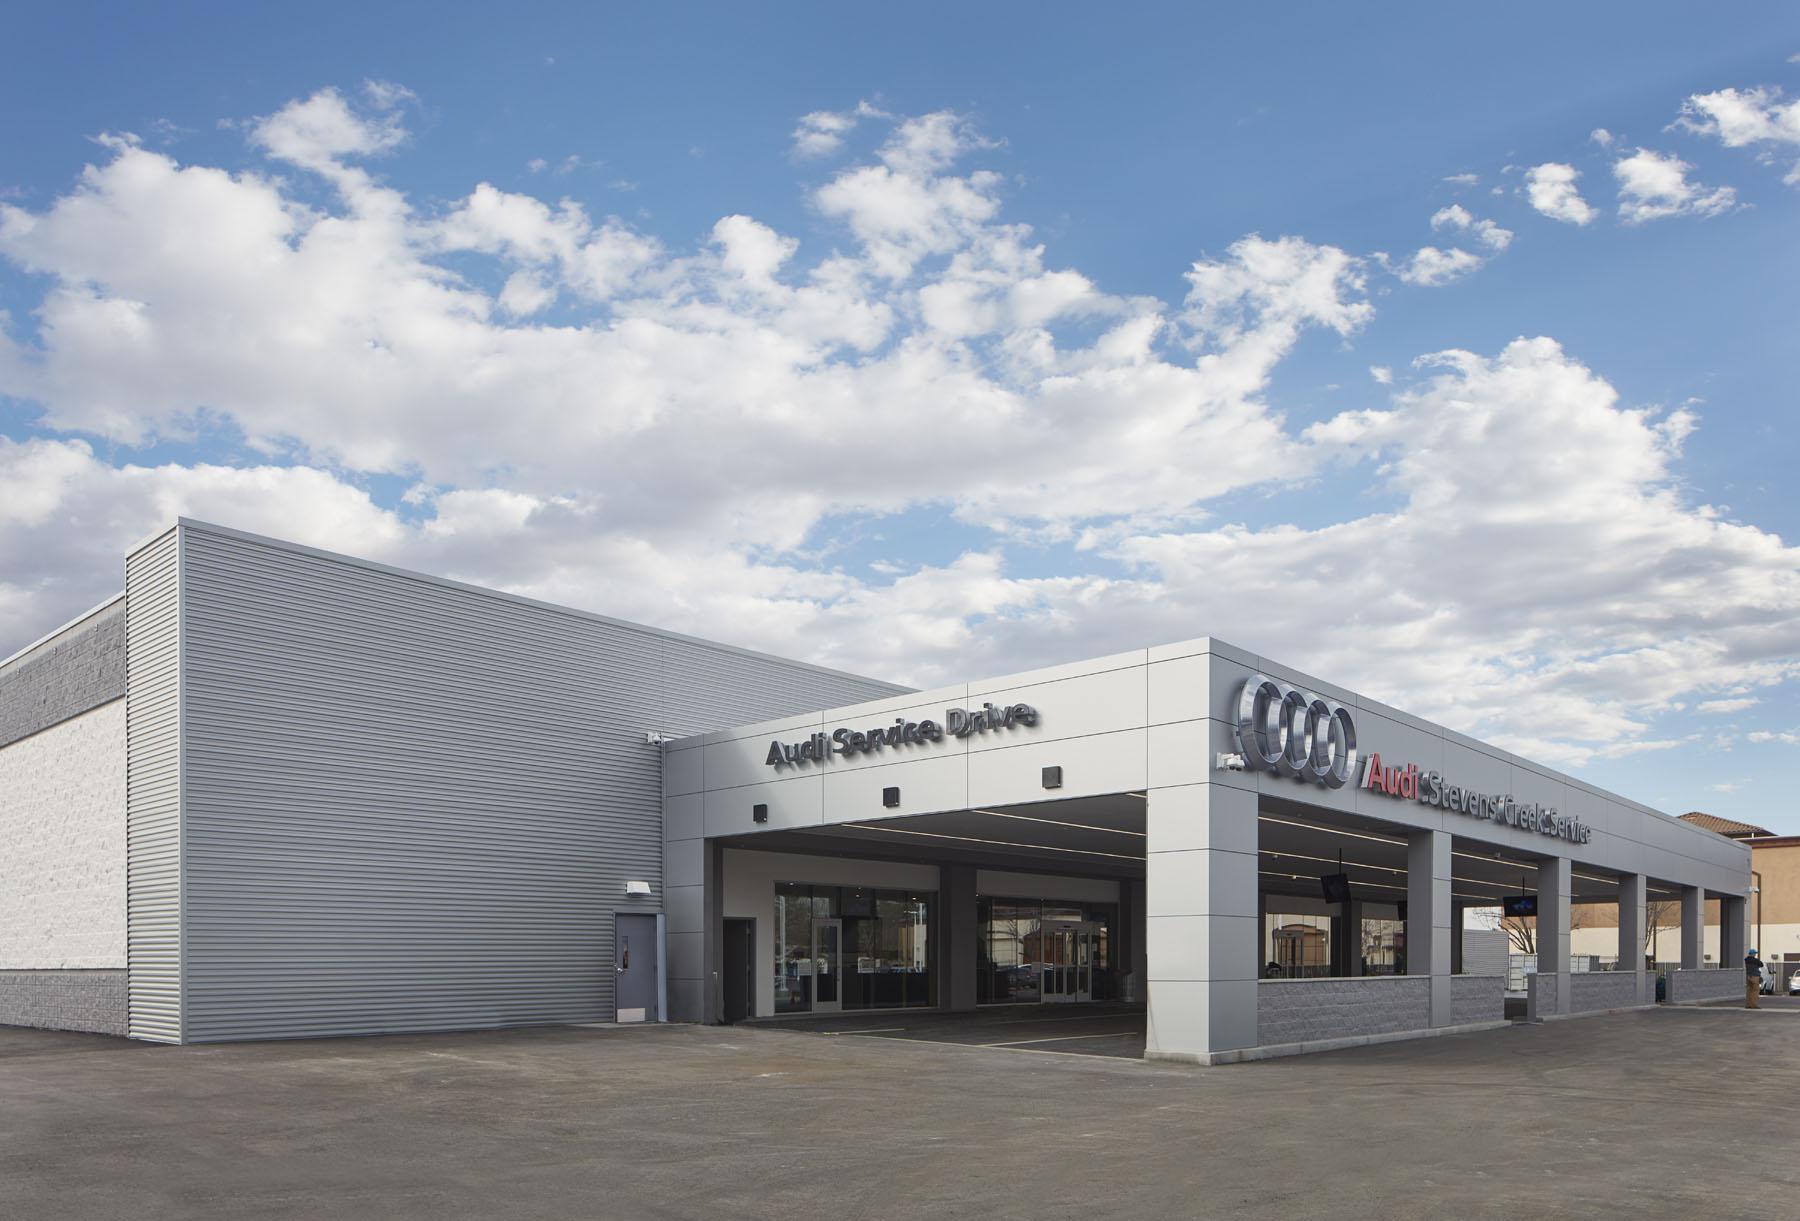 Dempsey Audi San Jose